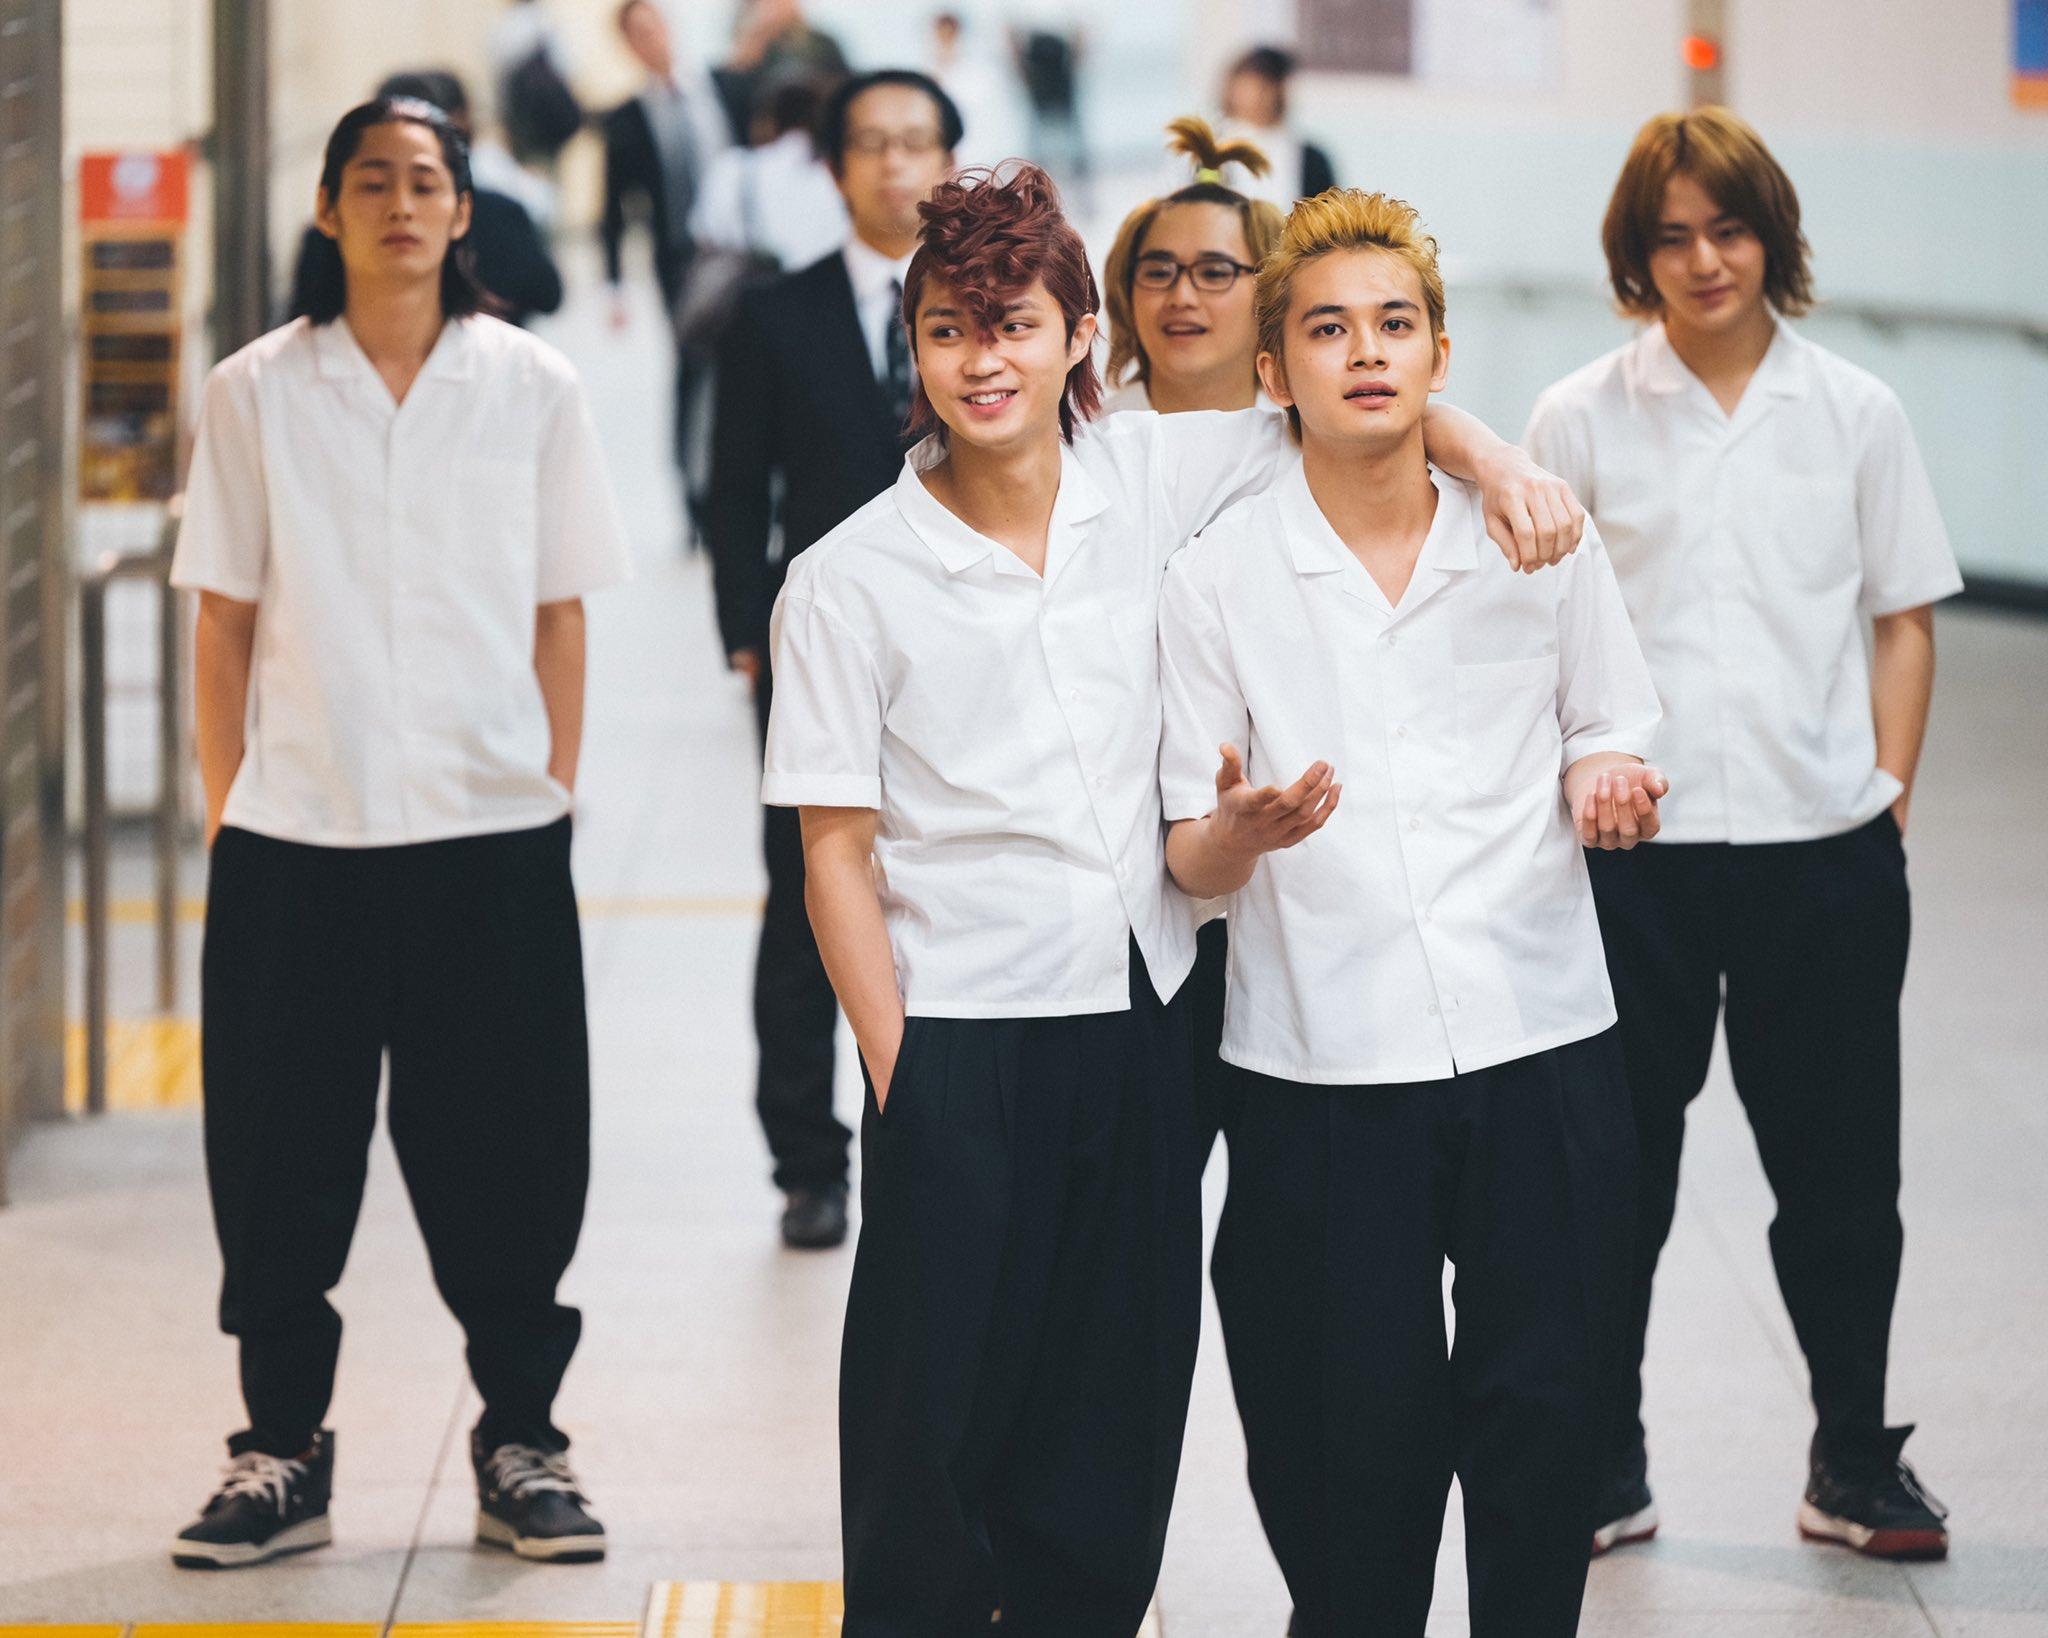 漫改名作《东京复仇者》真人电影定档7月9日上映 穿越青春物语